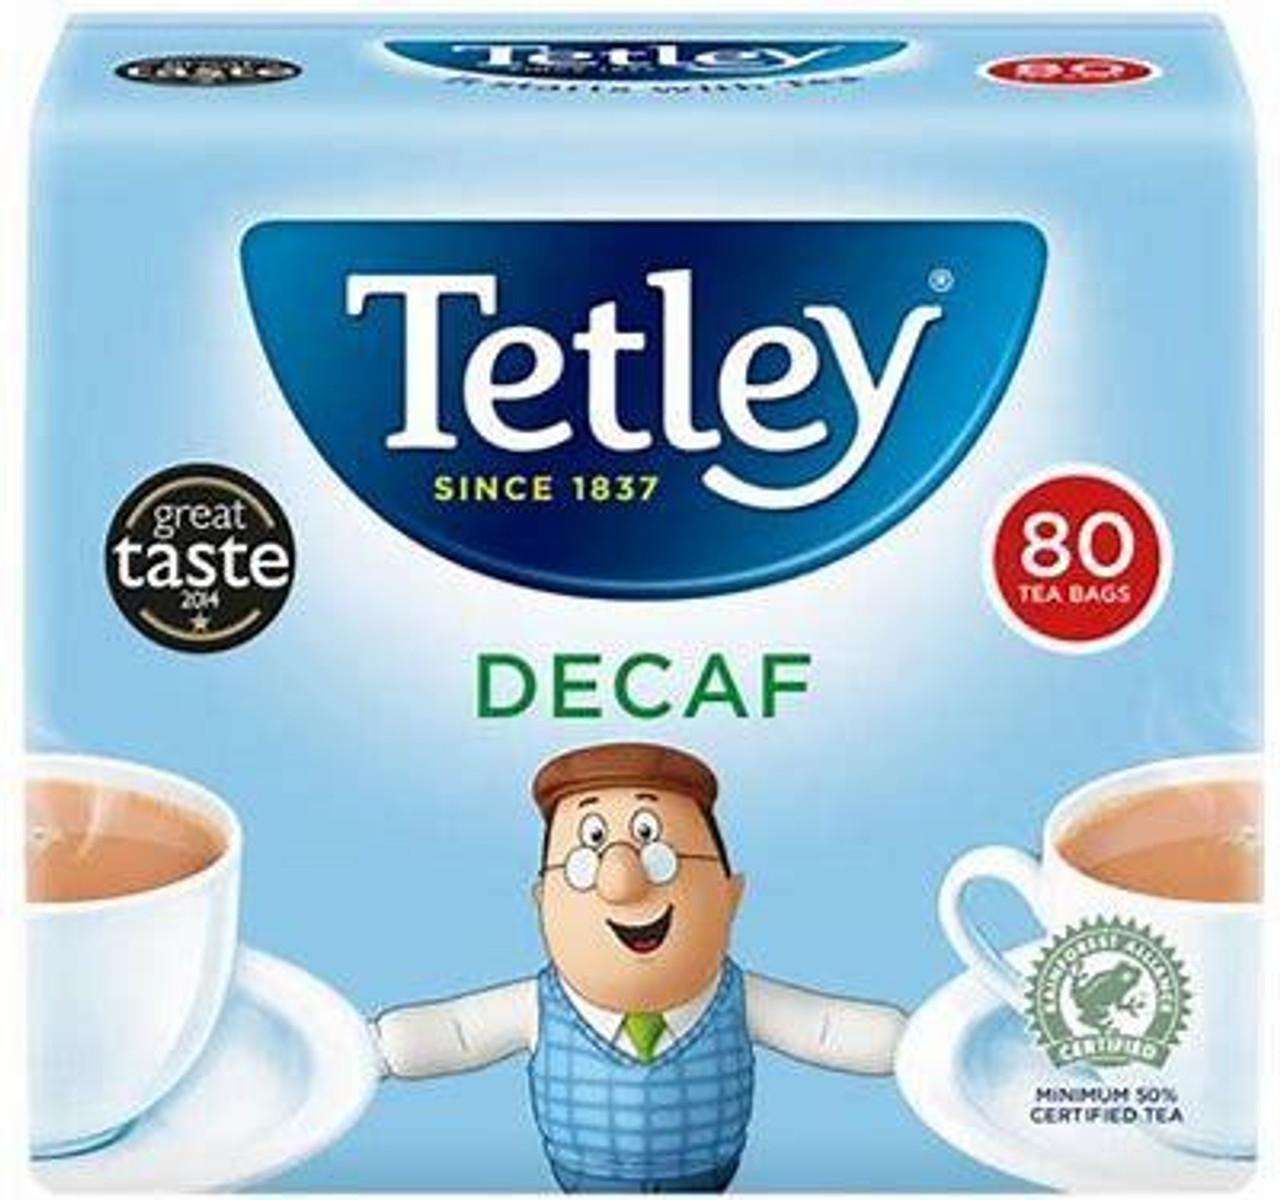 Tetley Decaf Tea Bags 80ct